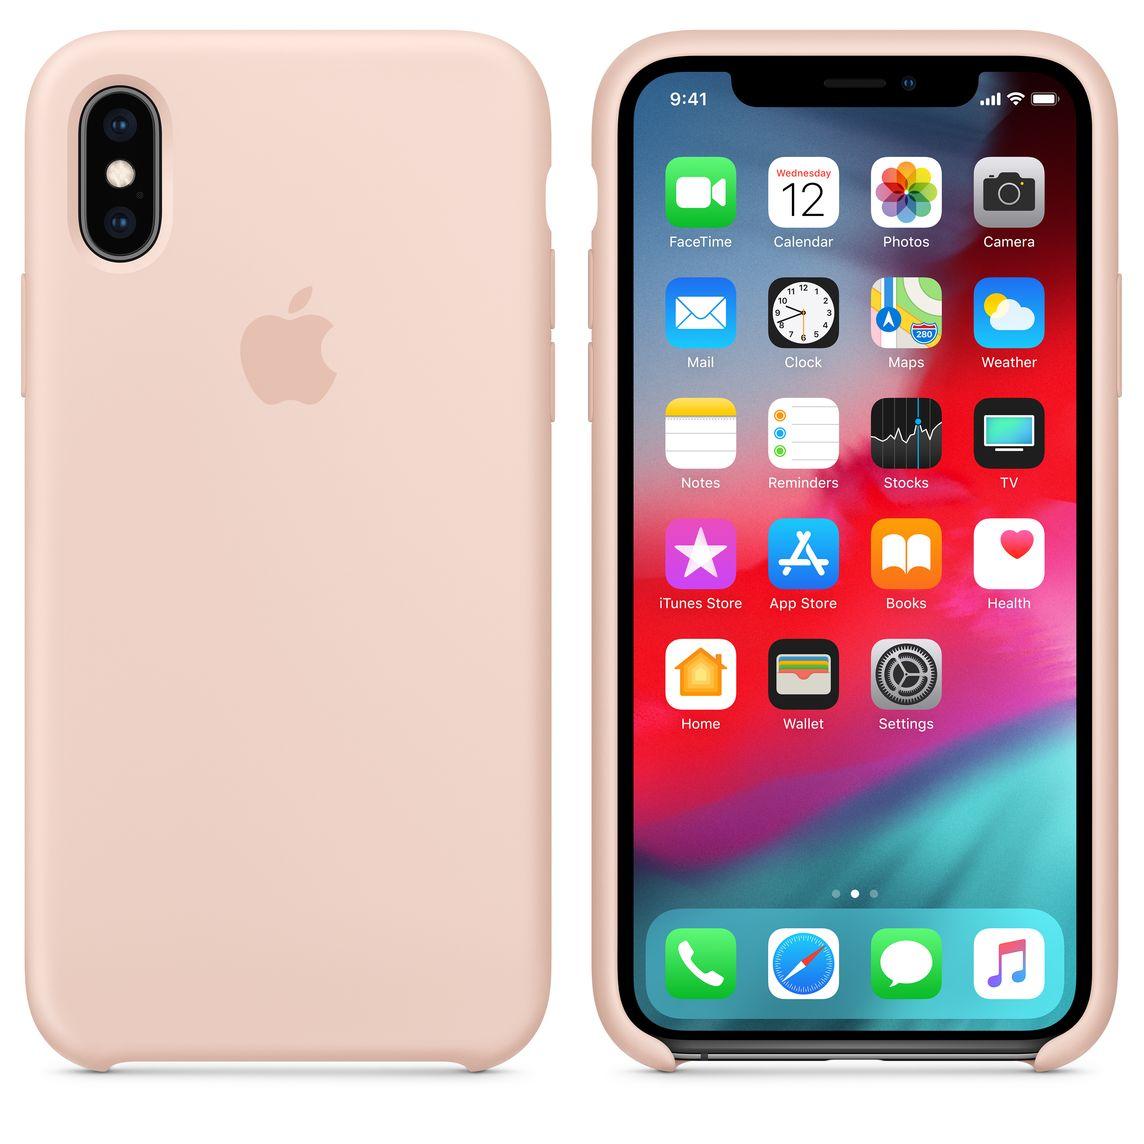 Étui en silicone pour iPhone XS - Sable rose